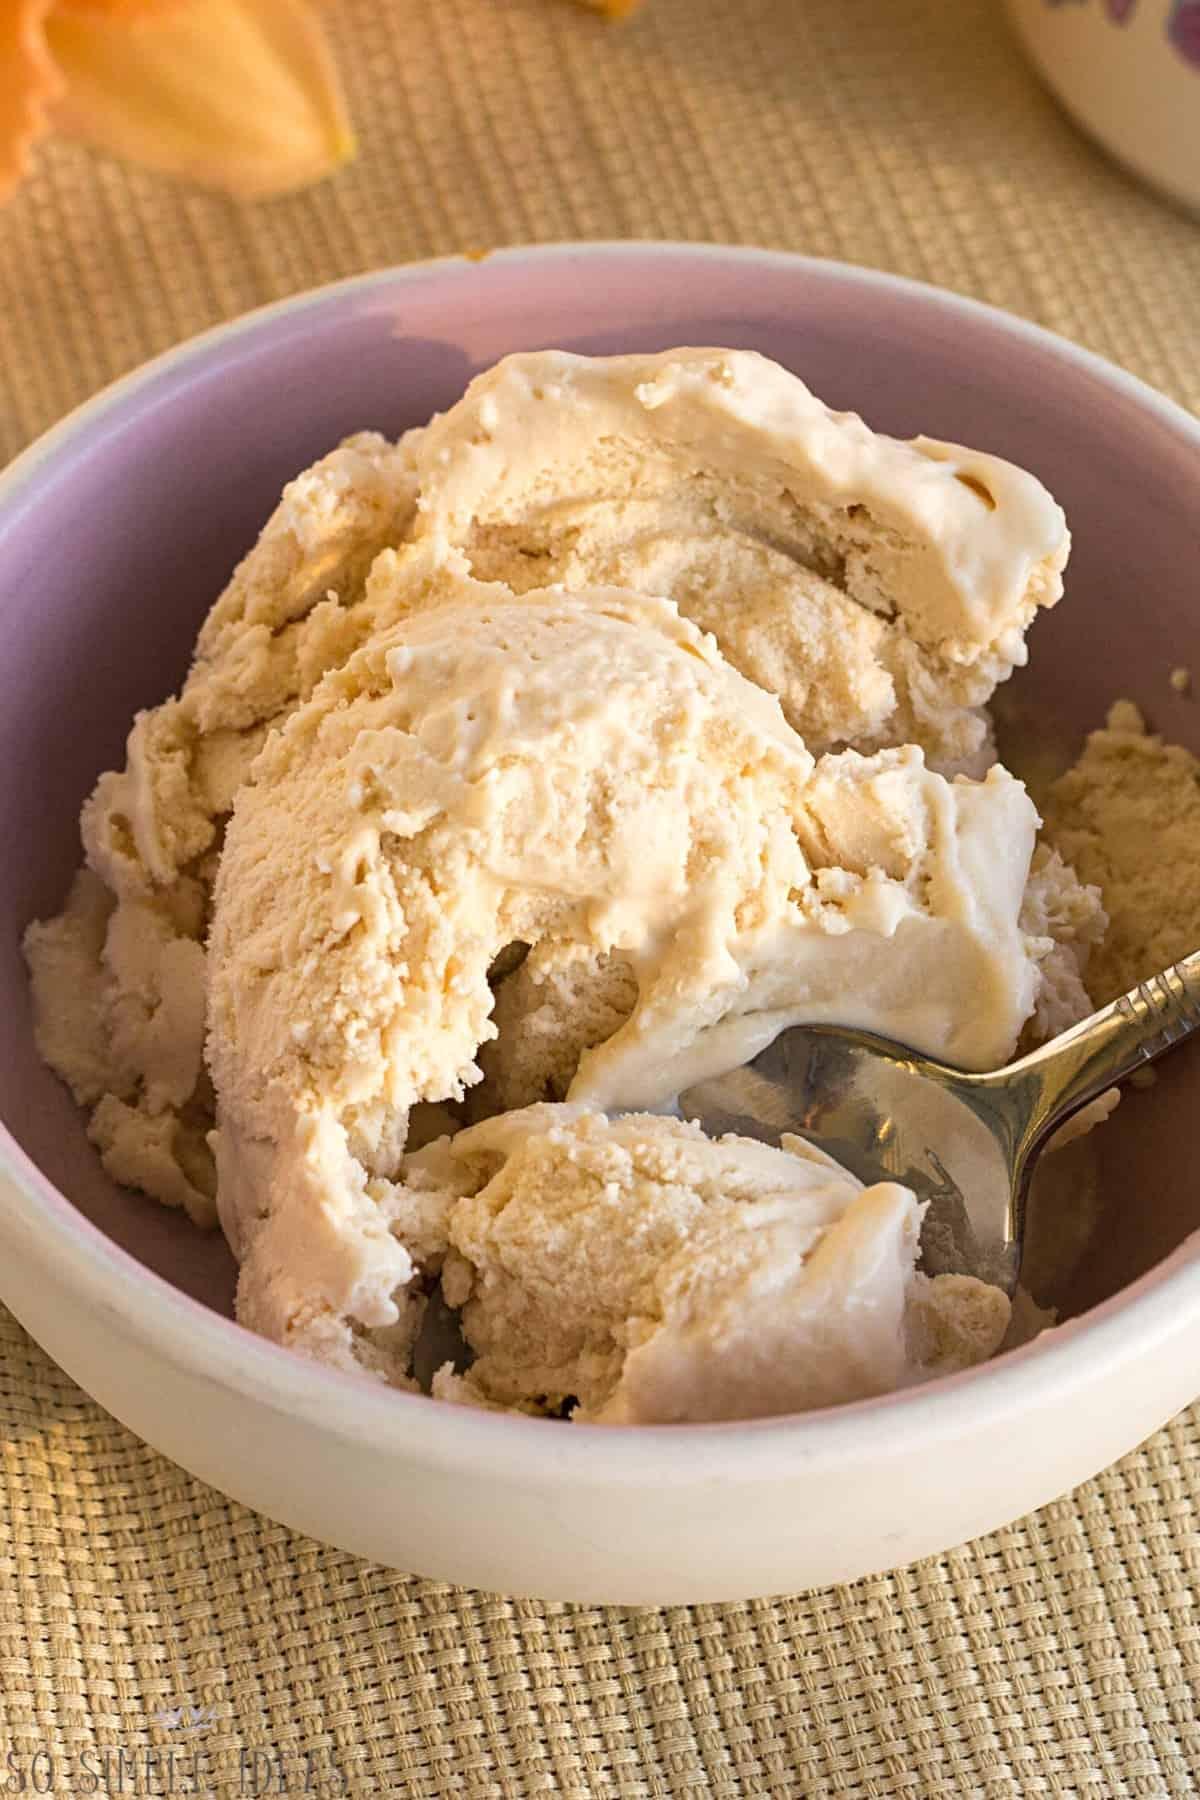 keto peach ice cream no eggs in bowl with spoon